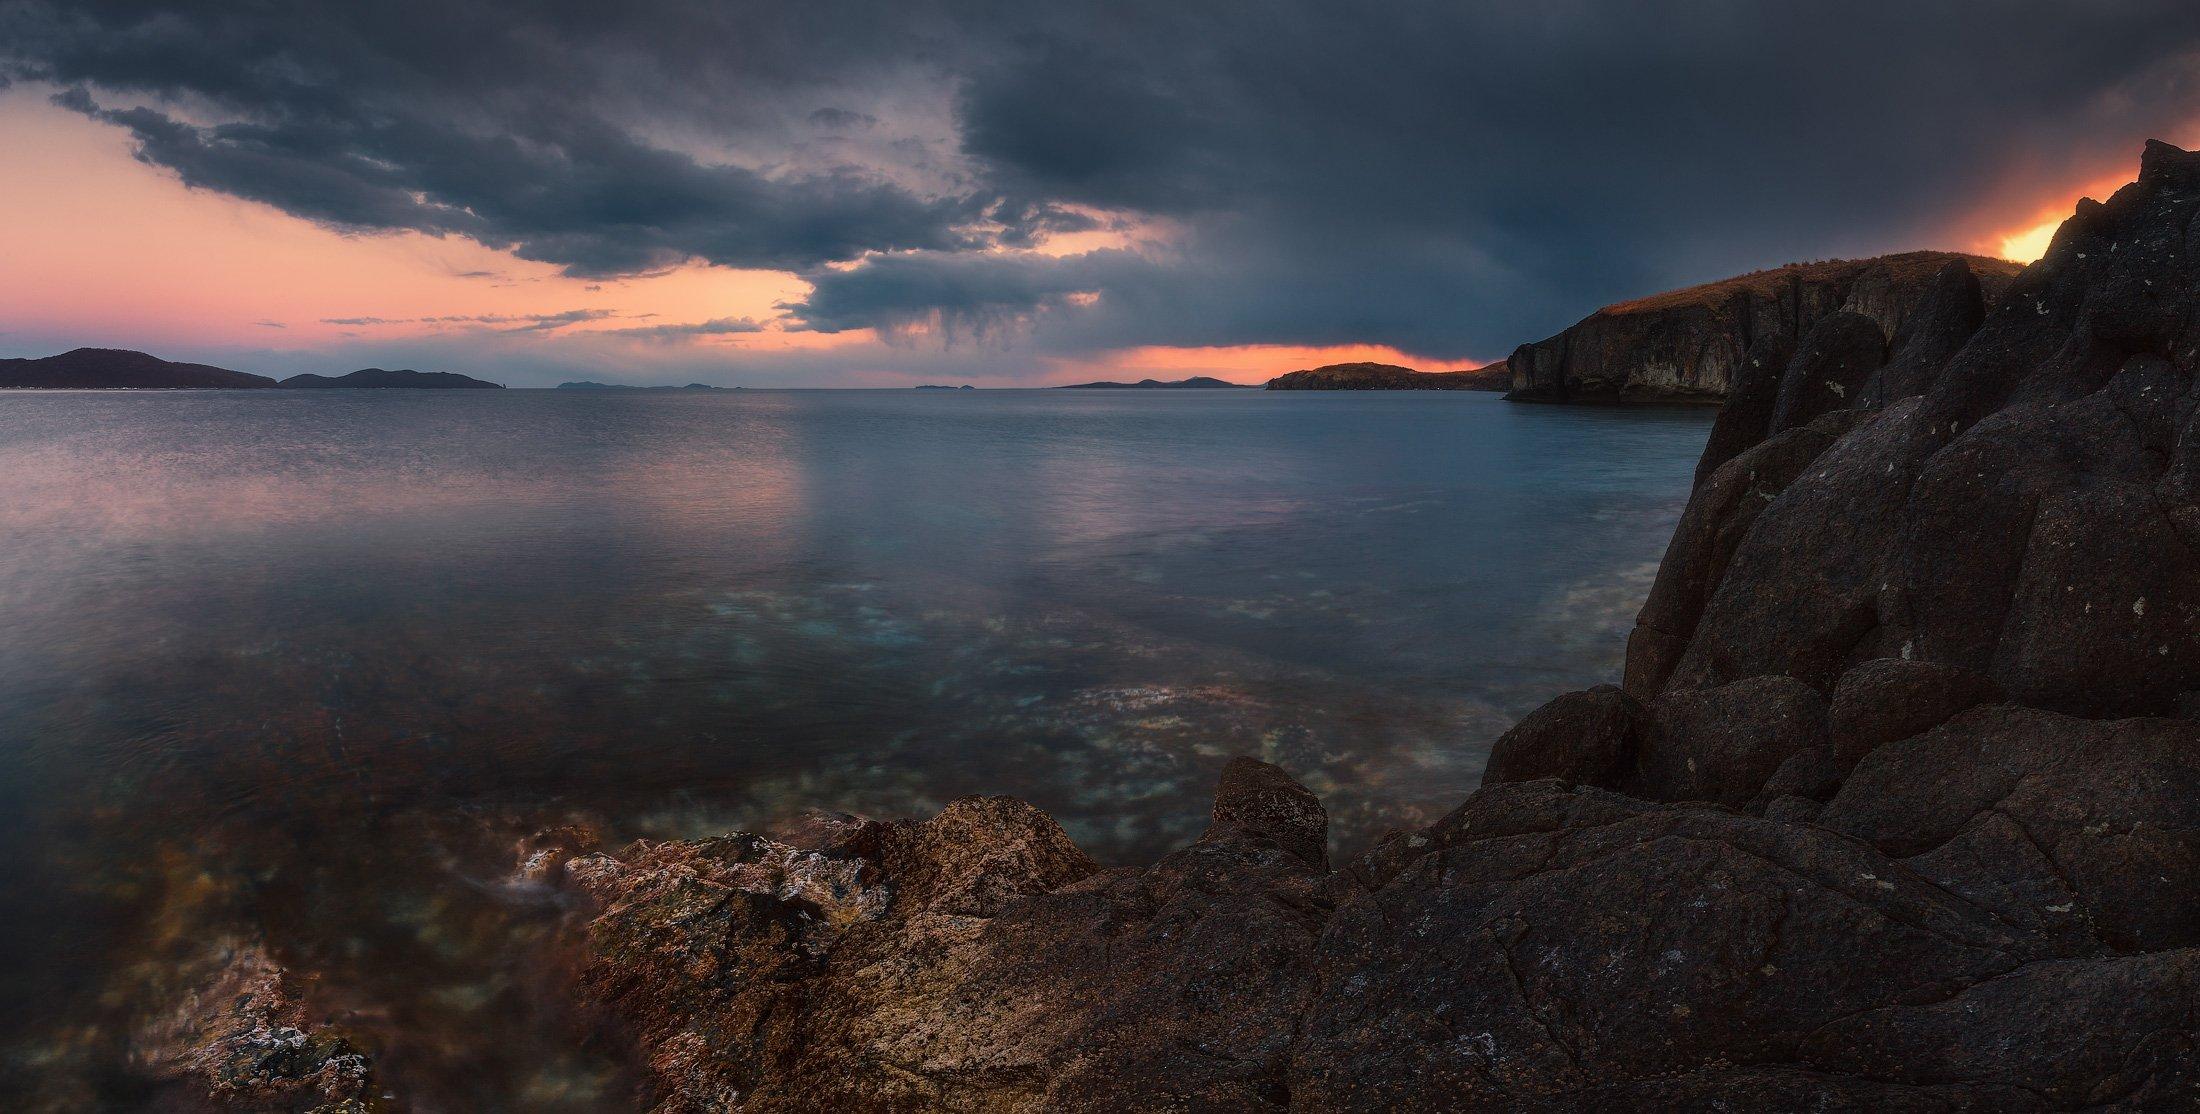 сумерки, скалы, море, камни, Андрей Кровлин